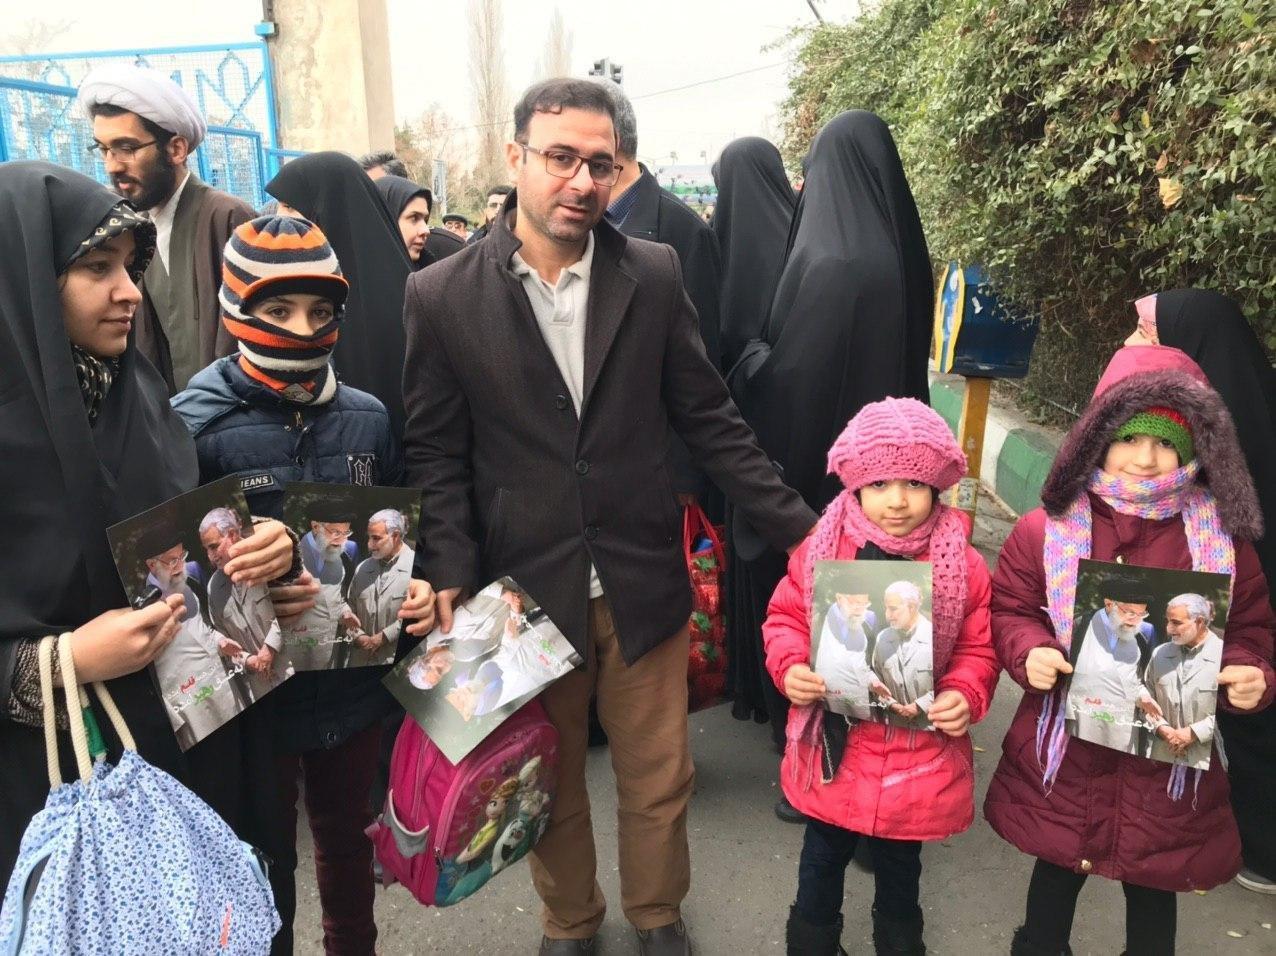 حضور پرشور مردم با سربندهای «یا مُنتقم» در نماز جمعه تهران